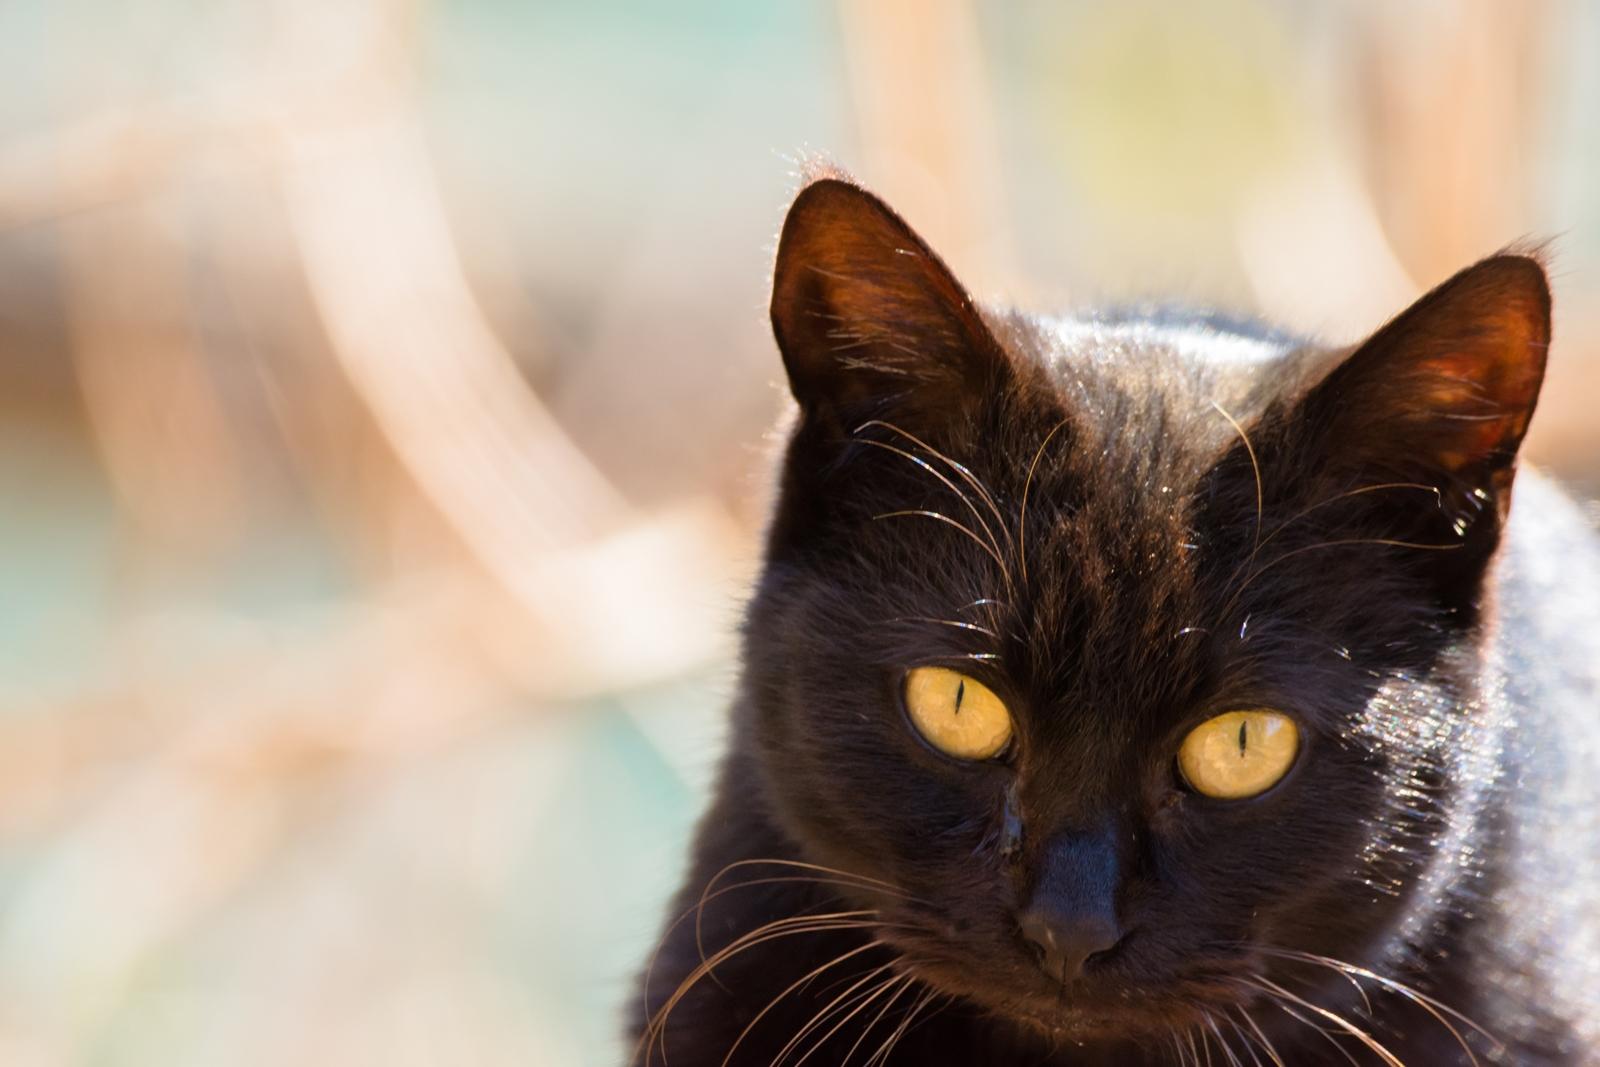 Photo: 狙いを定めて / Aim at.  じっと見つめて 行くよ行くよ その時を狙って チャンスをうかがう  Stray cat. (ノラ猫)  Nikon D7200 SIGMA 150-600mm F5-6.3 DG OS HSM Contemporary  #cat #straycat #kawaii #nikon #sigma #木曜ポートニャート  ( http://takafumiooshio.com/archives/856 )